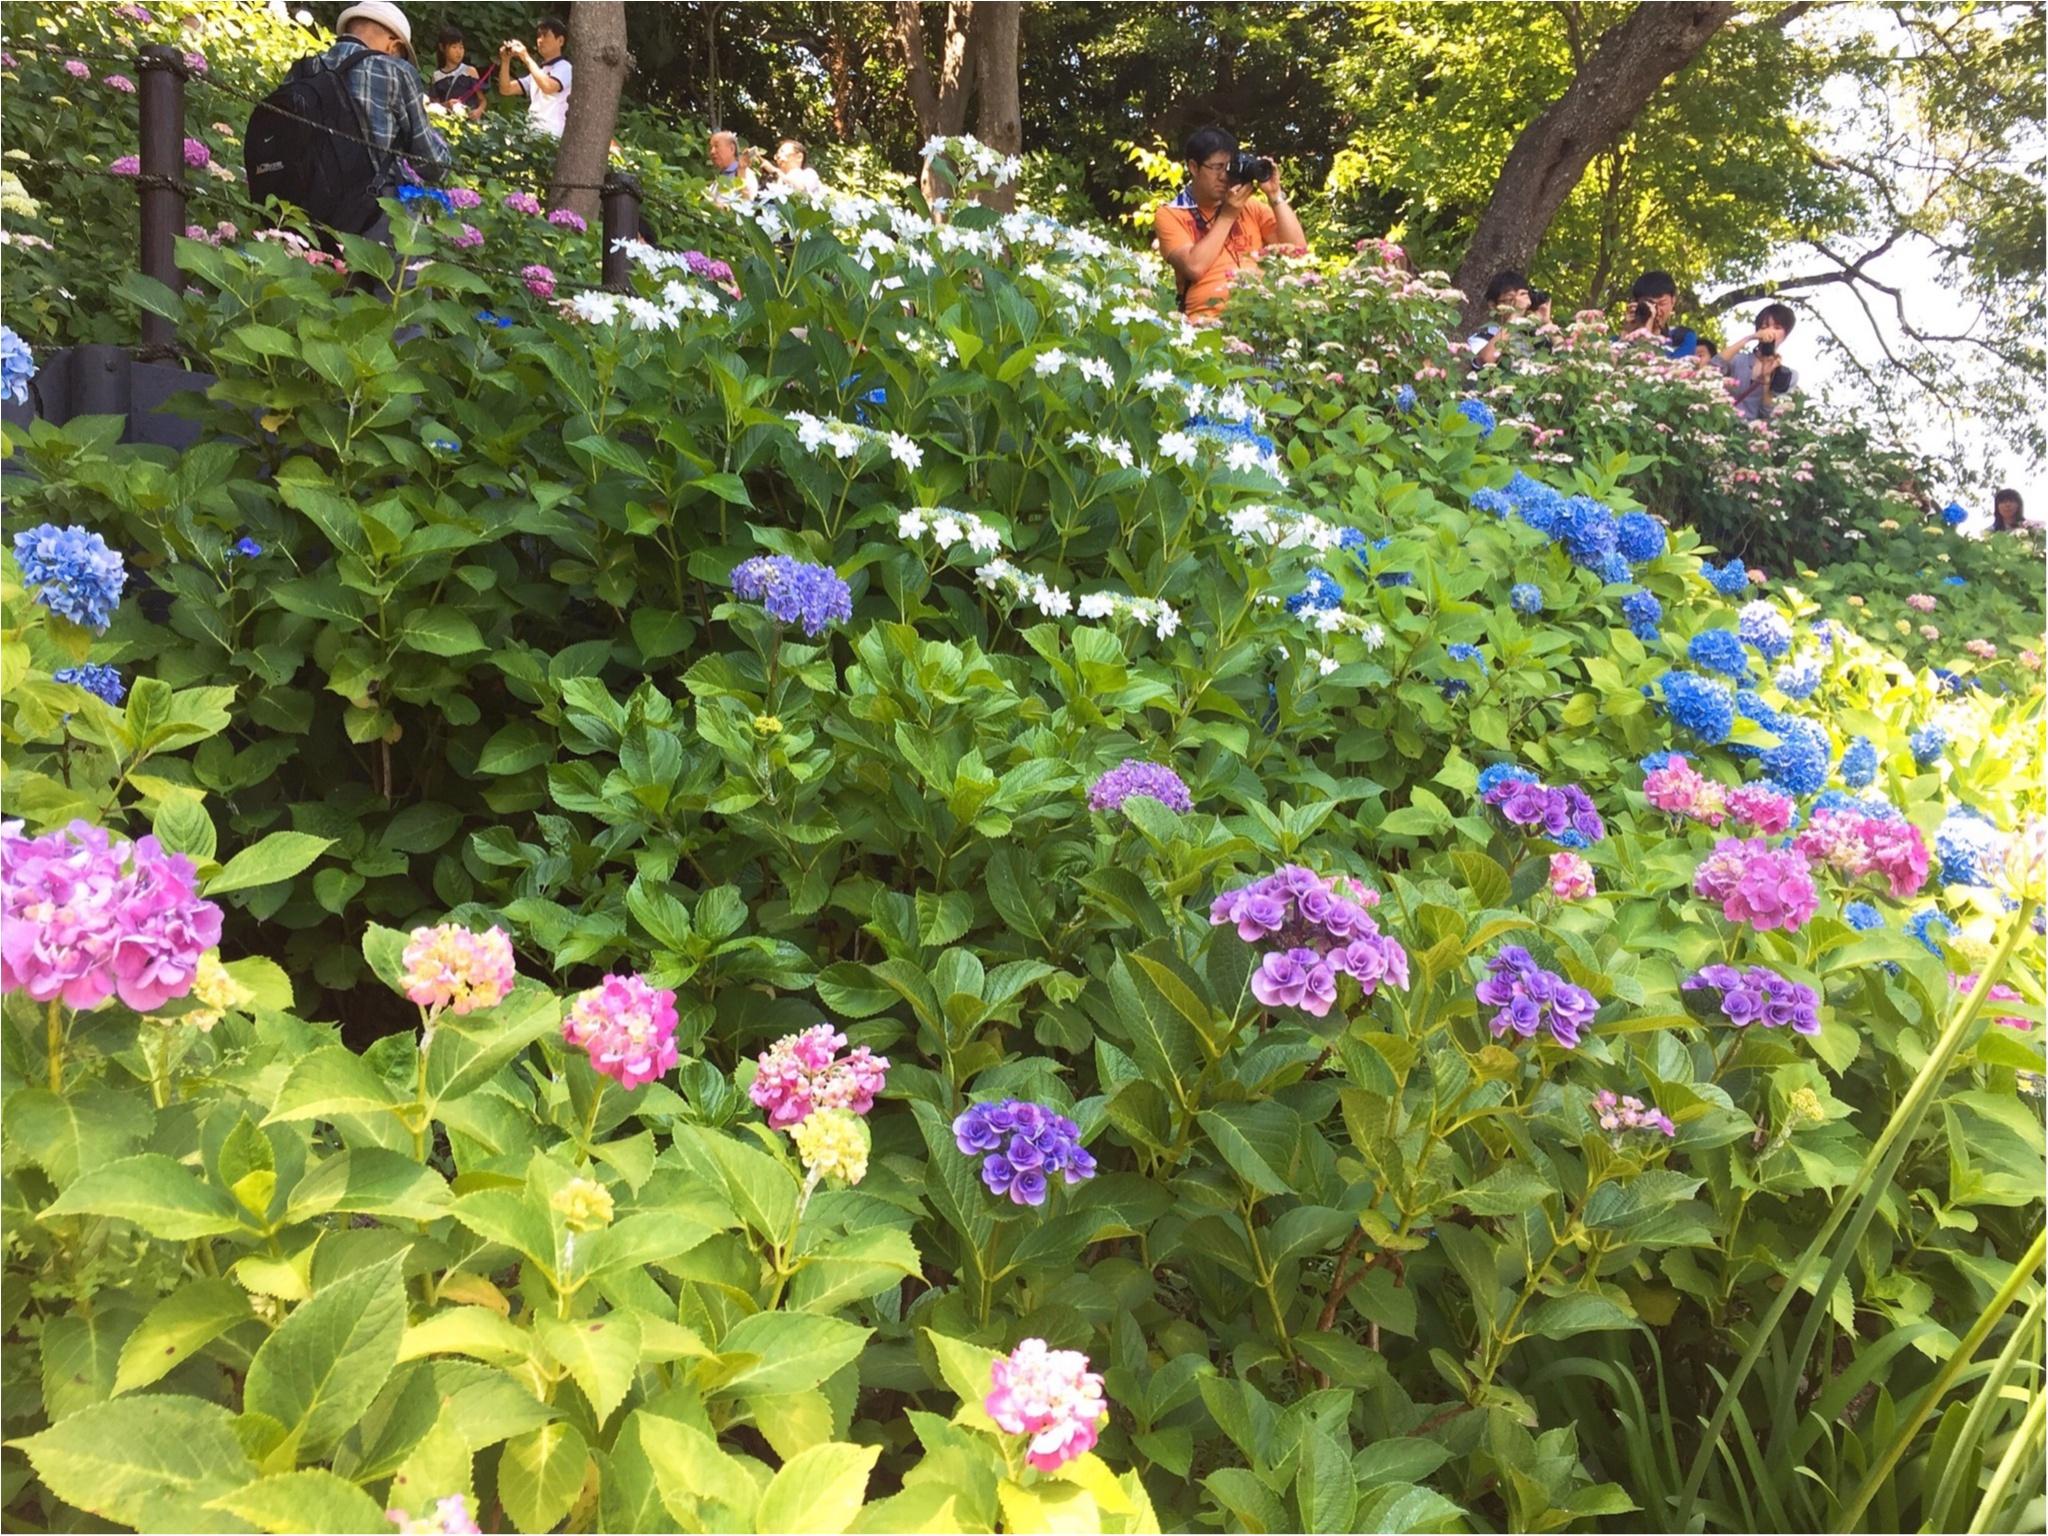 【鎌倉・長谷寺】紫陽花が見頃!待ち時間にオススメのランチスポットをご紹介♡_9